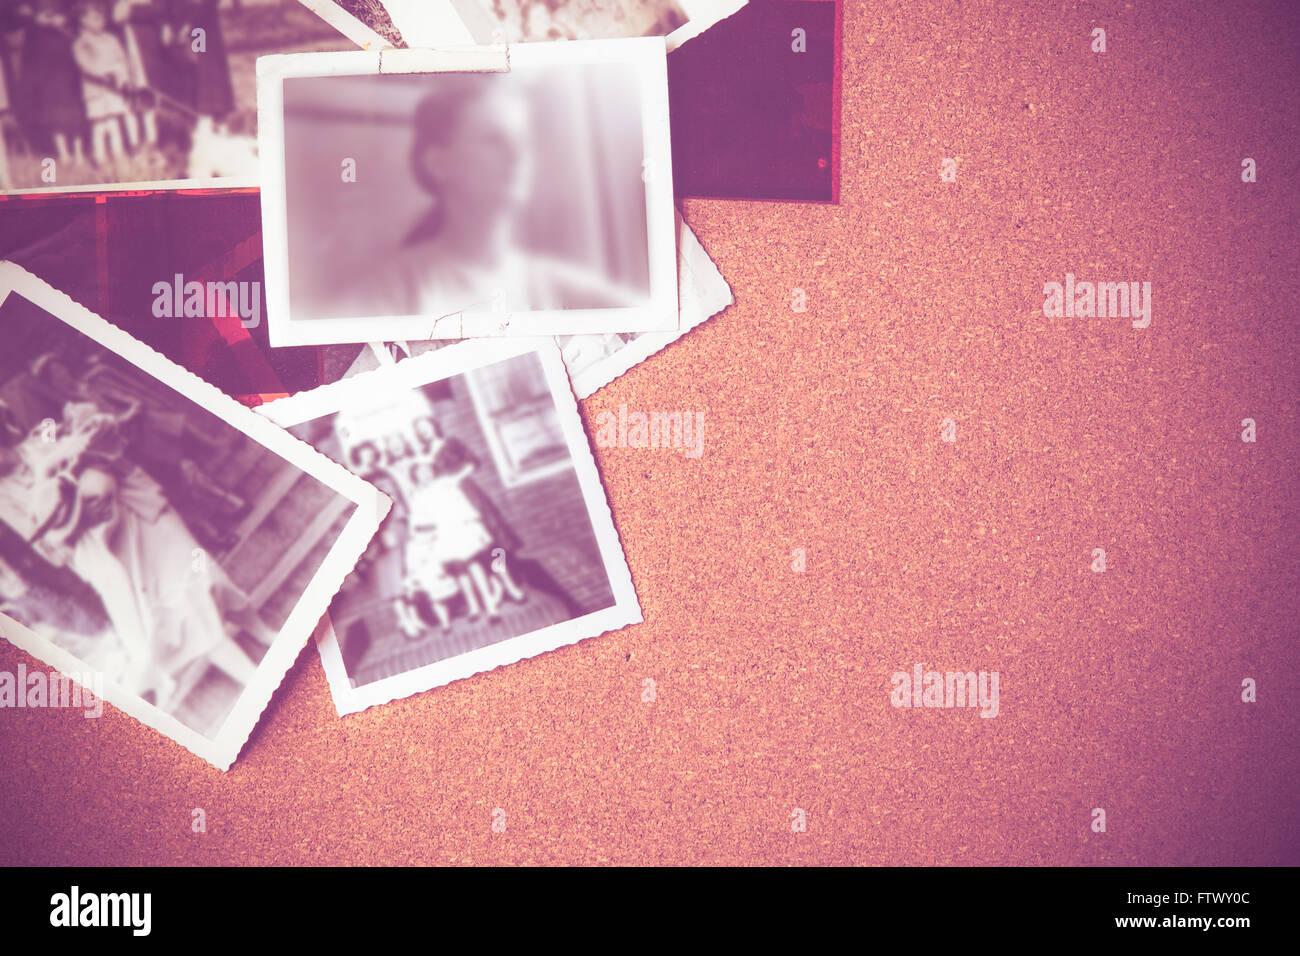 Vintage Bild von Familienfotos auf Pinnwand Stockbild